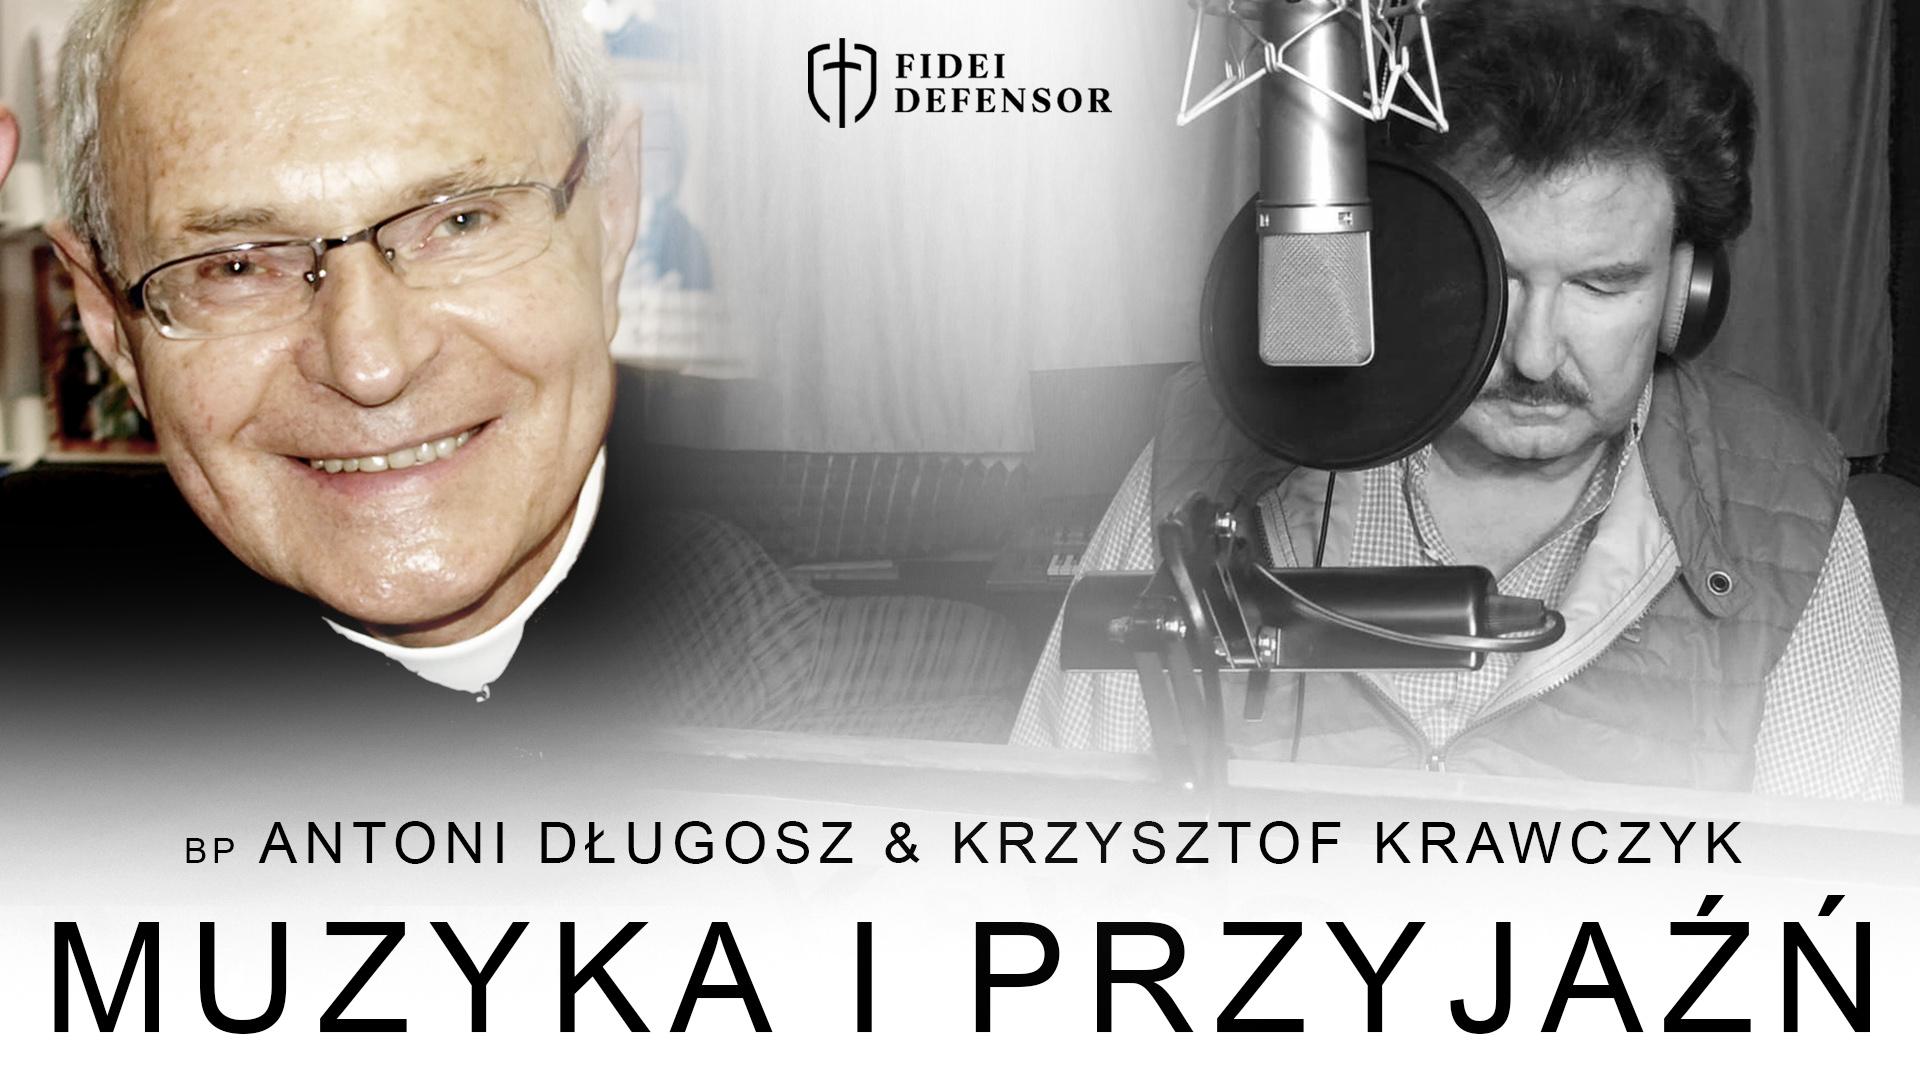 MUZYKA I PRZYJAŹŃ – ks.bp Antoni Długosz o Krzysztofie Krawczyku